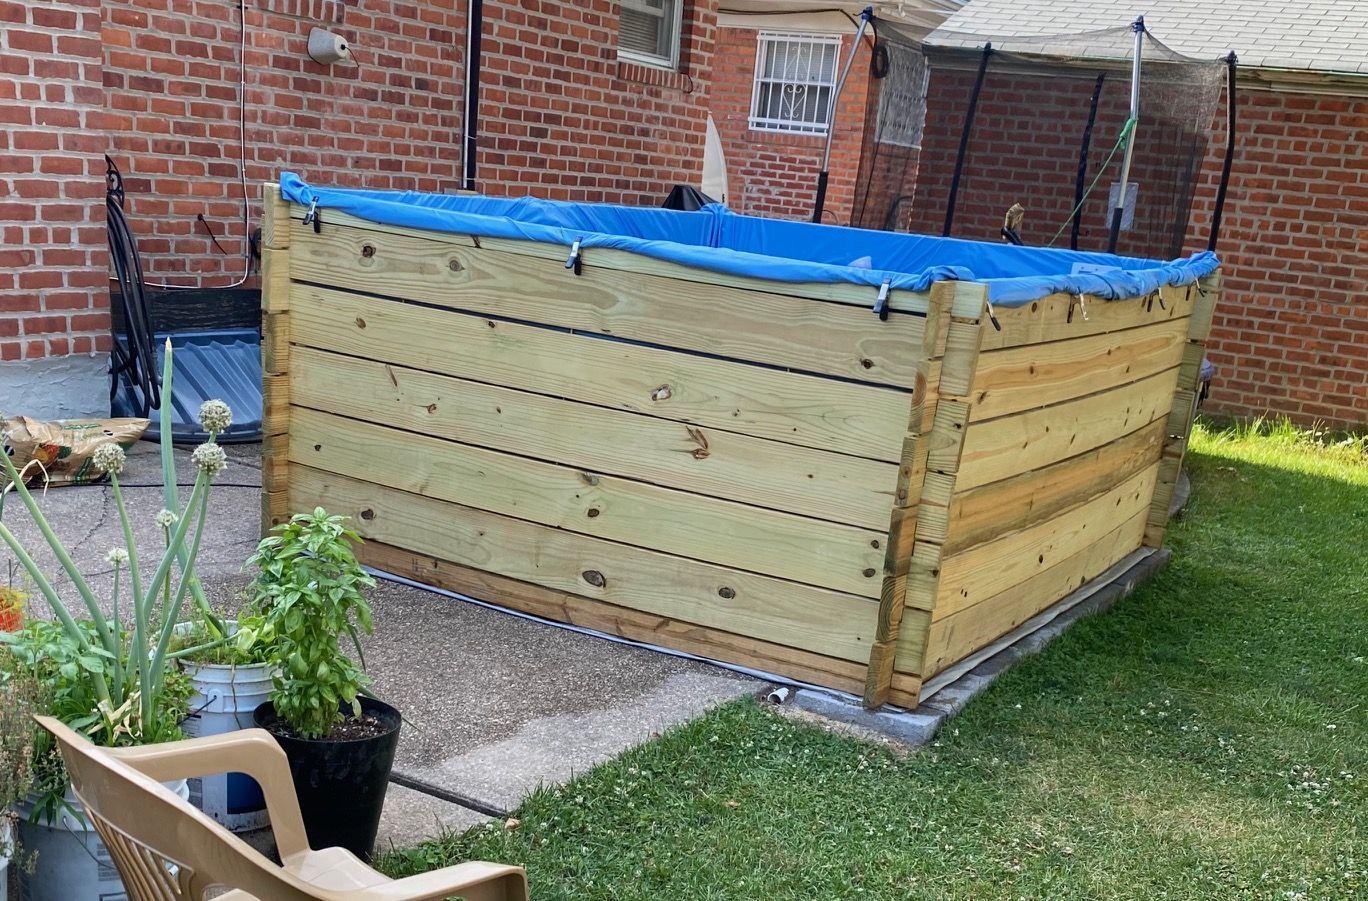 Diy Pressure Treated Lumber Swimming Pool In Progress Swimming Pools Building A Pool Lumber